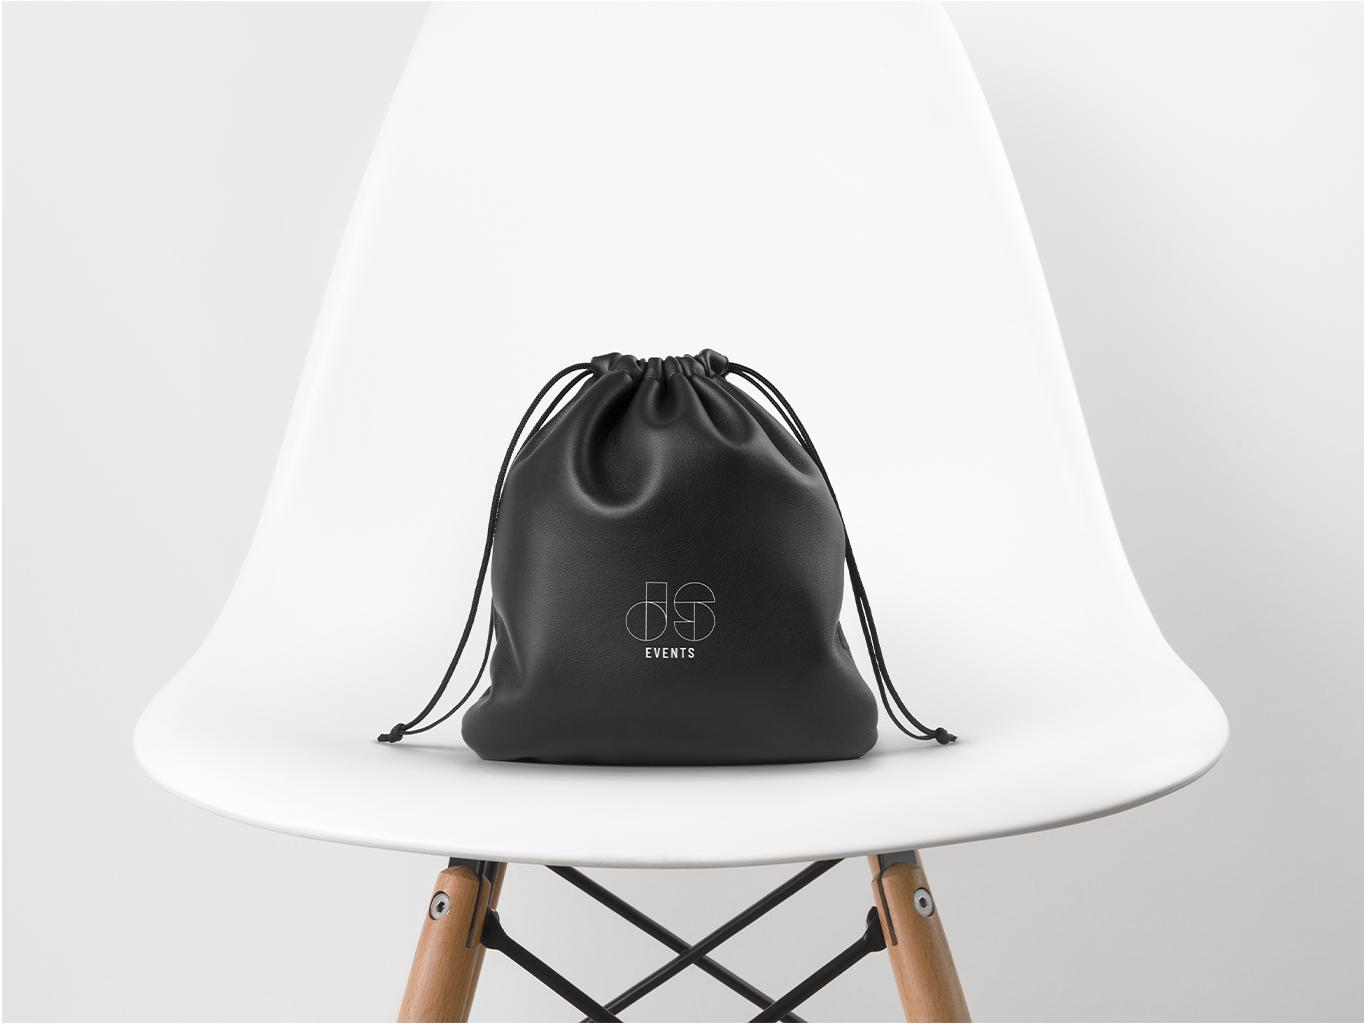 DS-Bag